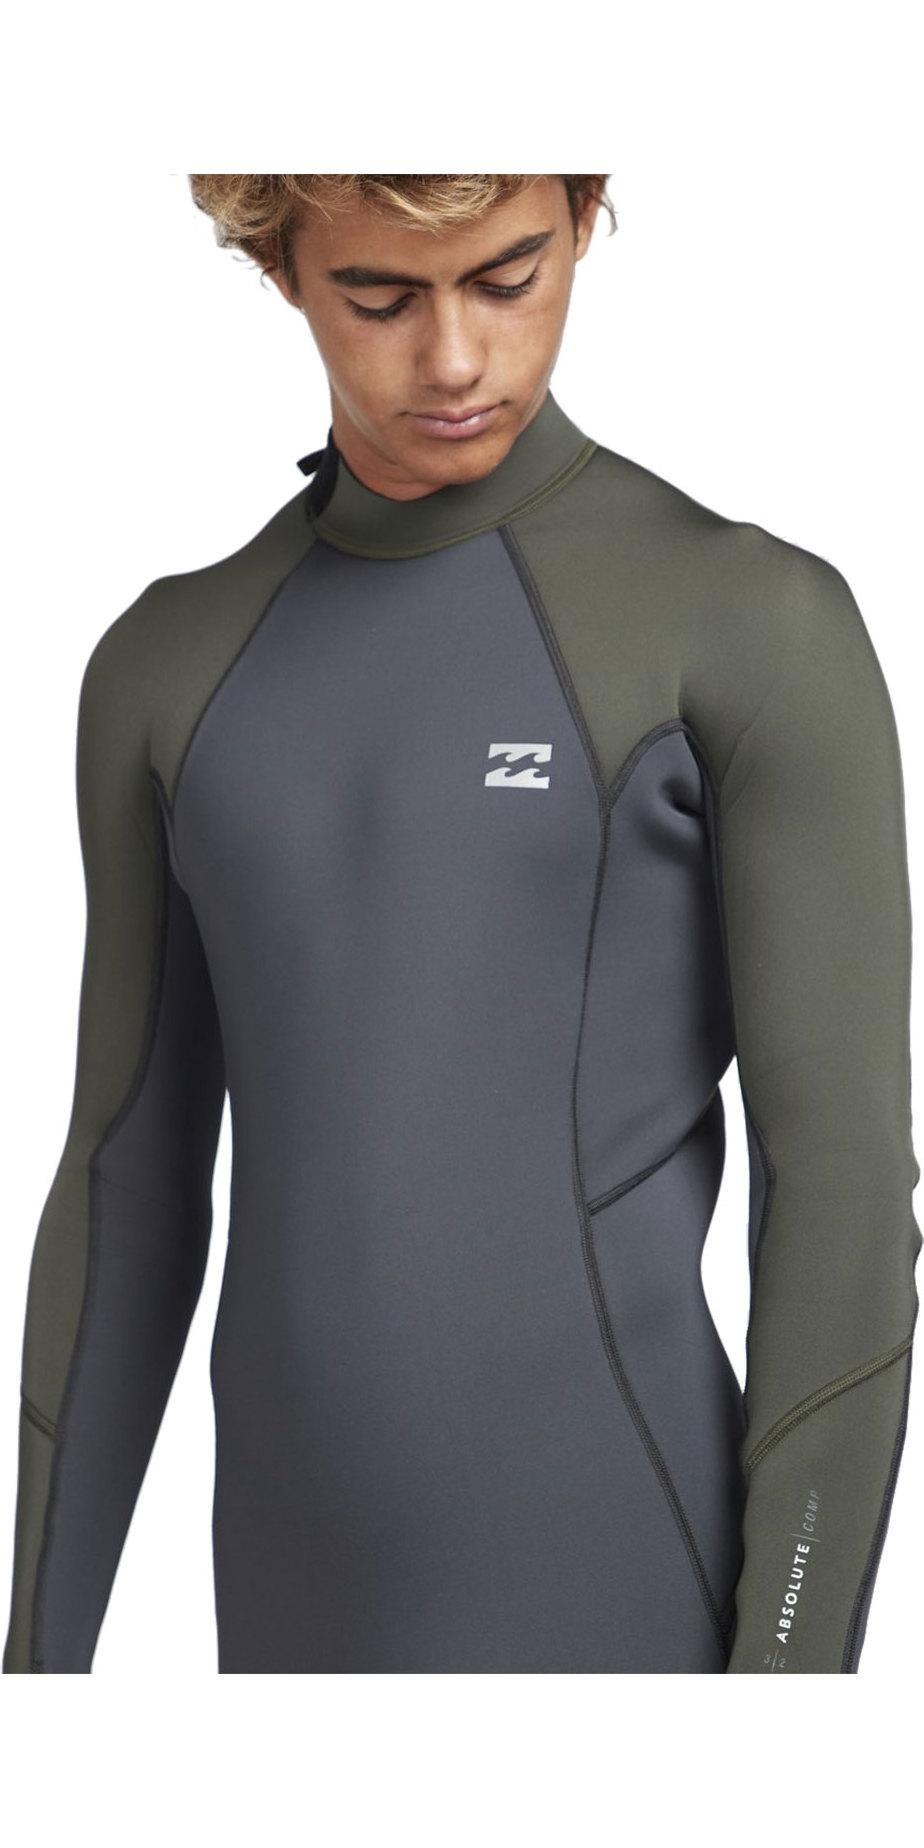 2019 Billabong Mens 3/2mm Absolute Back Zip Flatlock Wetsuit Black Olive N43M33